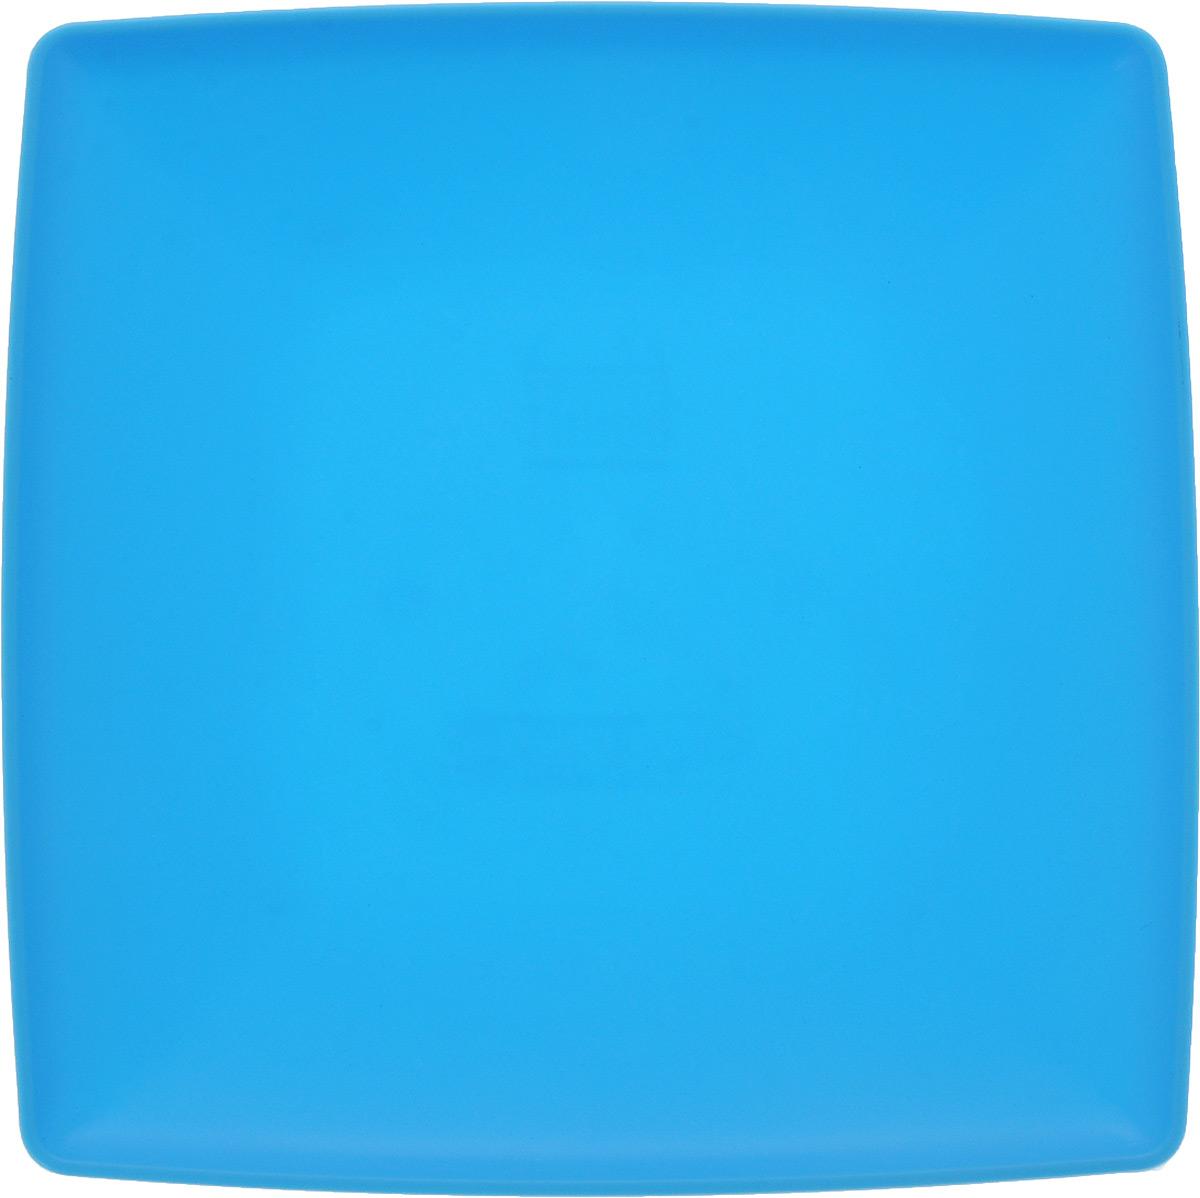 Тарелка Gotoff, цвет: голубой, 19 х 19 смFS-91909Квадратная тарелка Gotoff выполнена из прочного пищевого полипропилена. Изделие отлично подойдет как для холодных, так и для горячих блюд. Его удобно использовать дома или на даче, брать с собой на пикники и в поездки. Отличный вариант для детских праздников. Такая тарелка не разобьется и будет служить вам долгое время.Можно использовать в СВЧ, ставить в морозилку при температуре -25°С и мыть в посудомоечной машине при температуре +95°С.